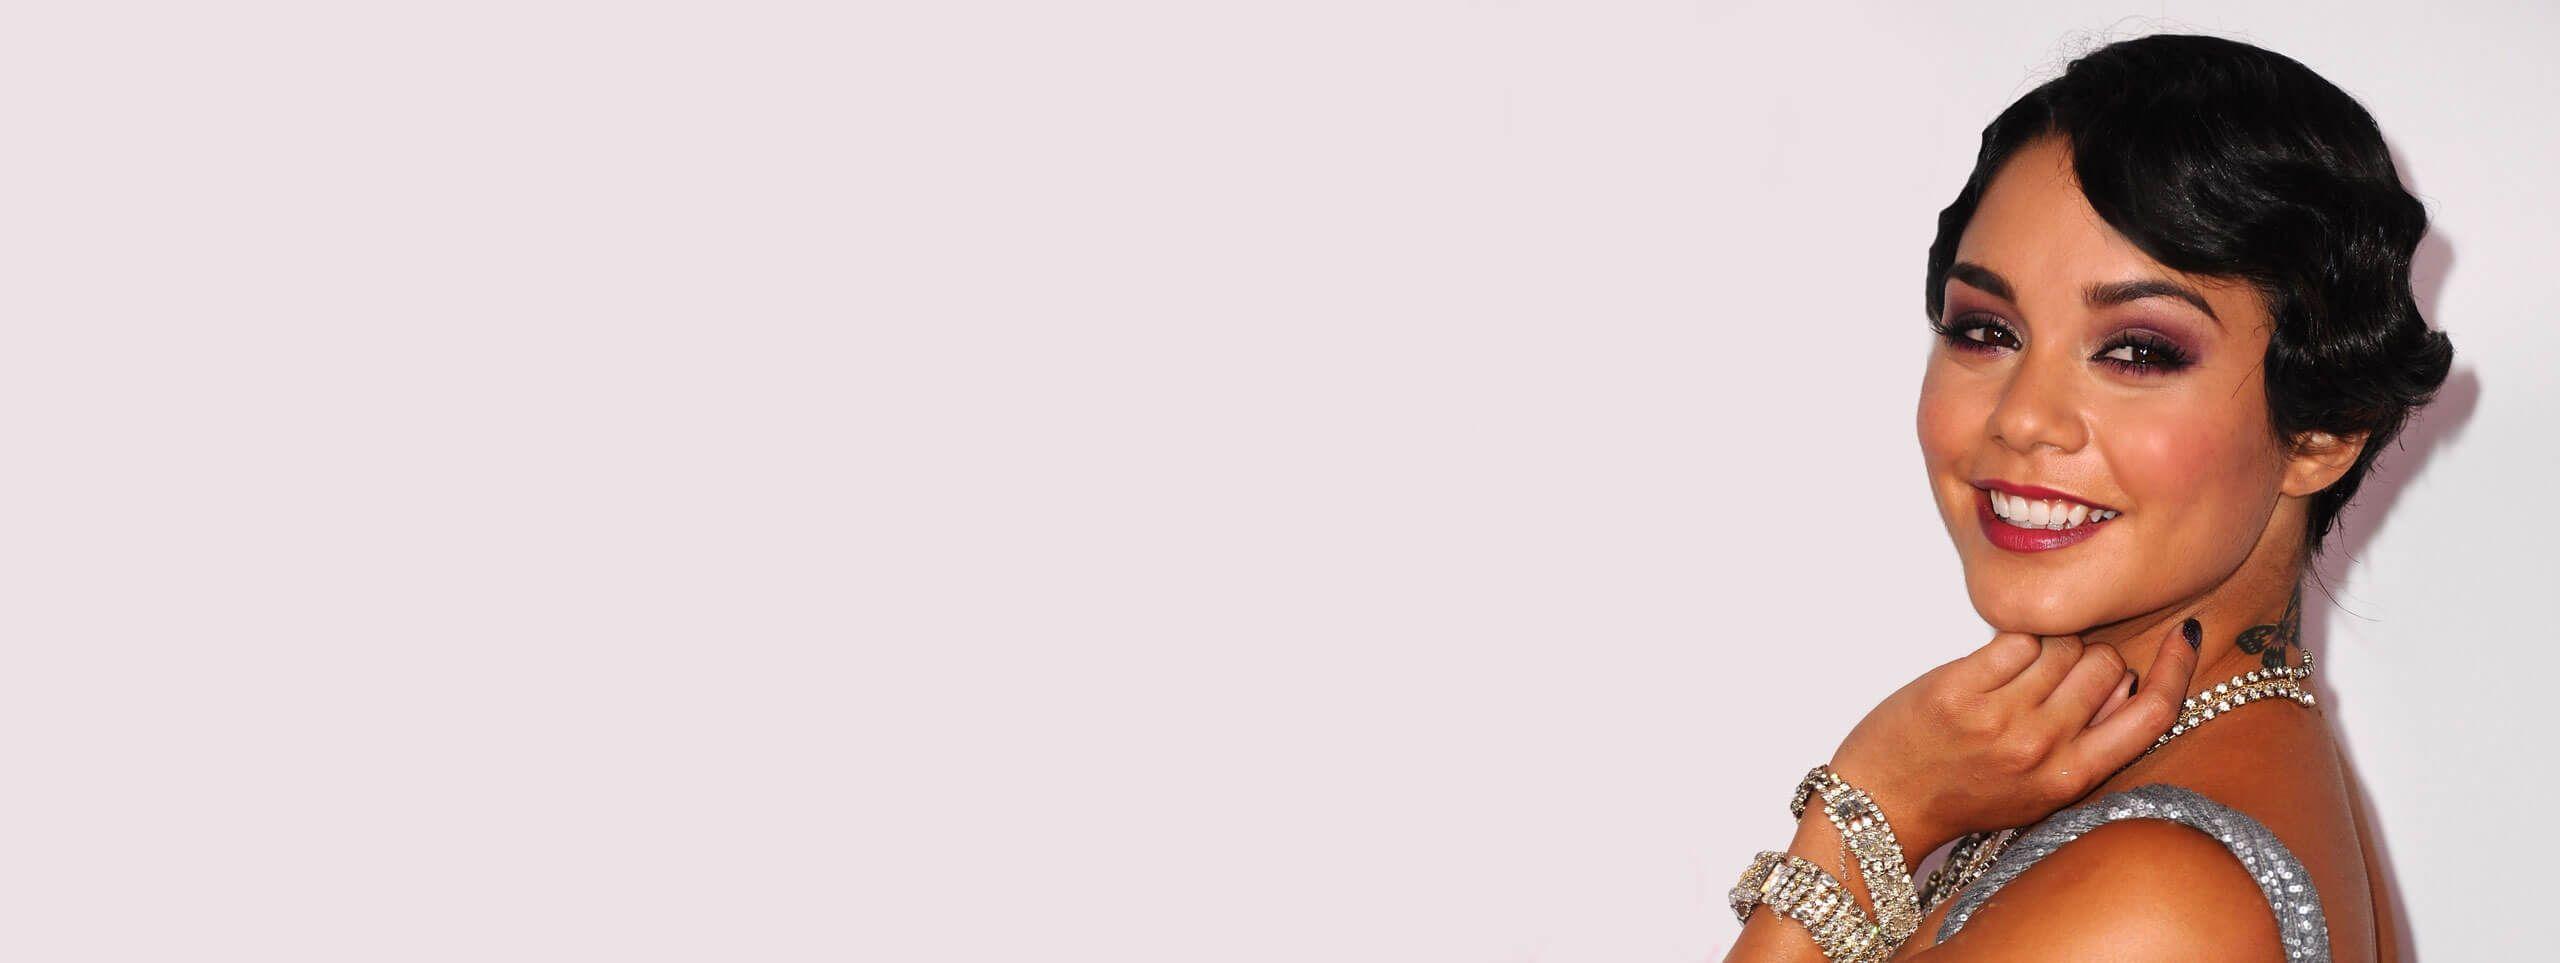 Vanessa hudgens coiffure crantée style années 20